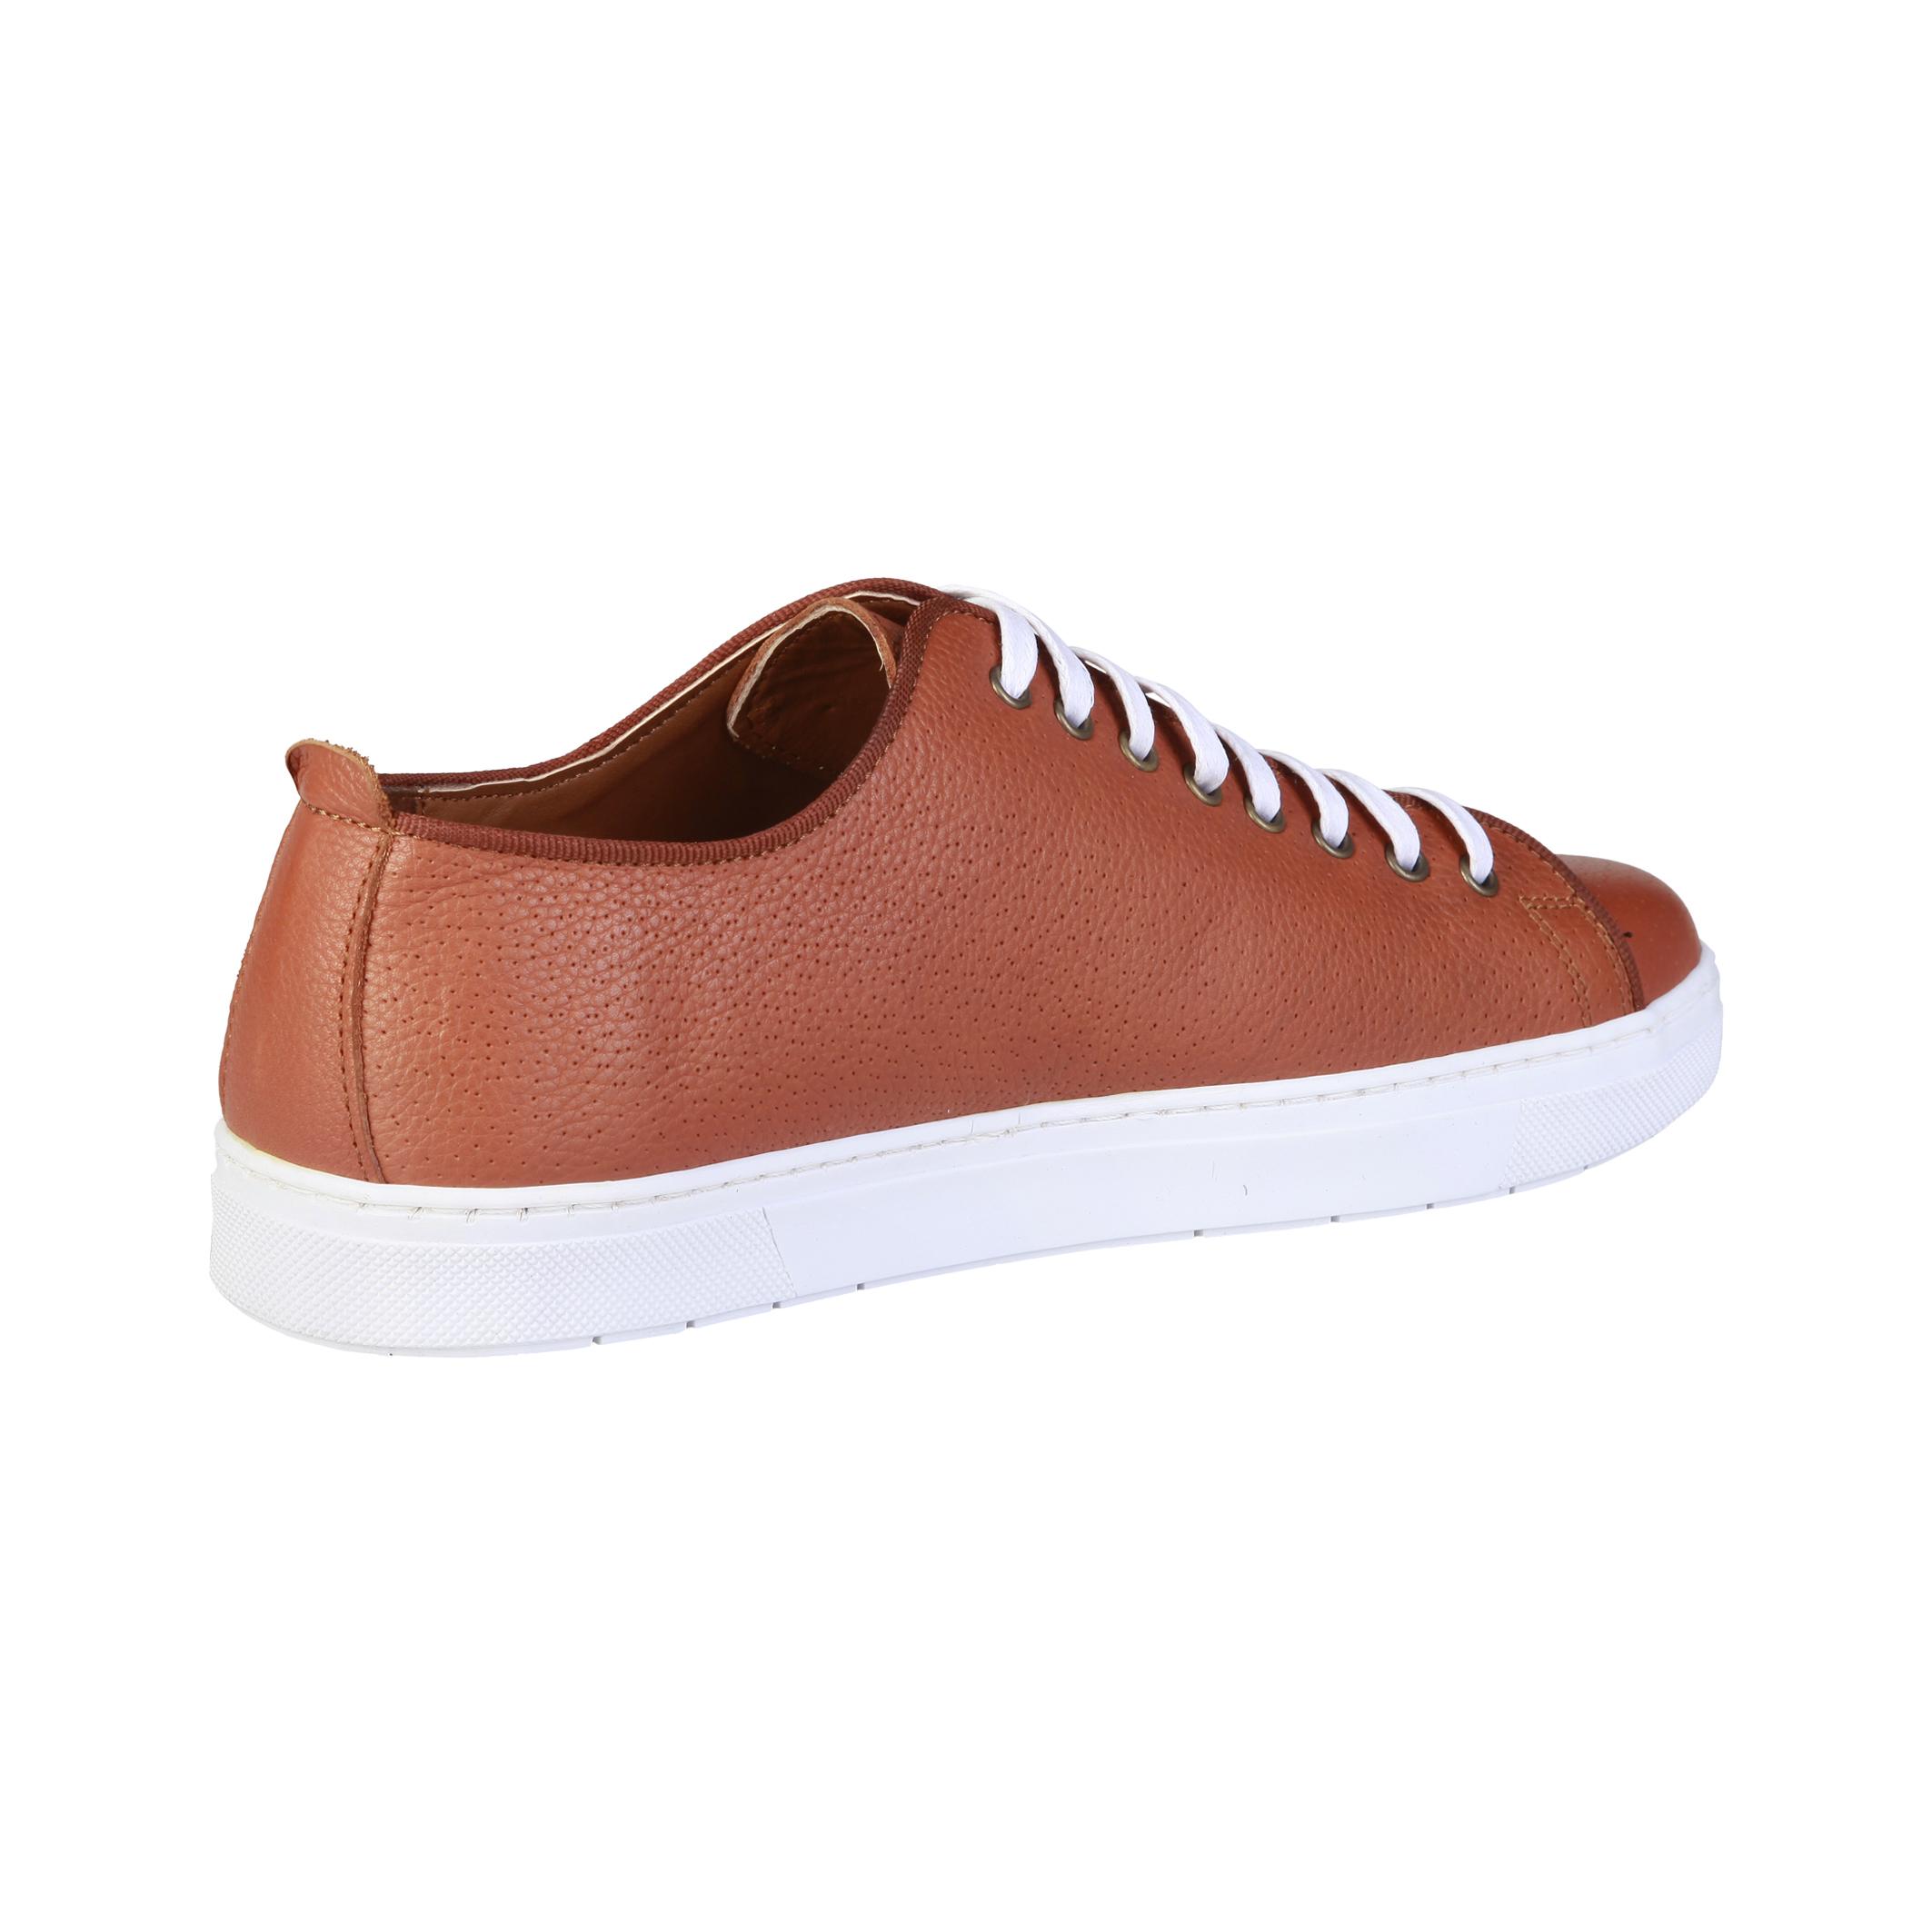 Sneakers-Pierre-Cardin-CLEMENT-Uomo-Marrone-81928 miniatura 3